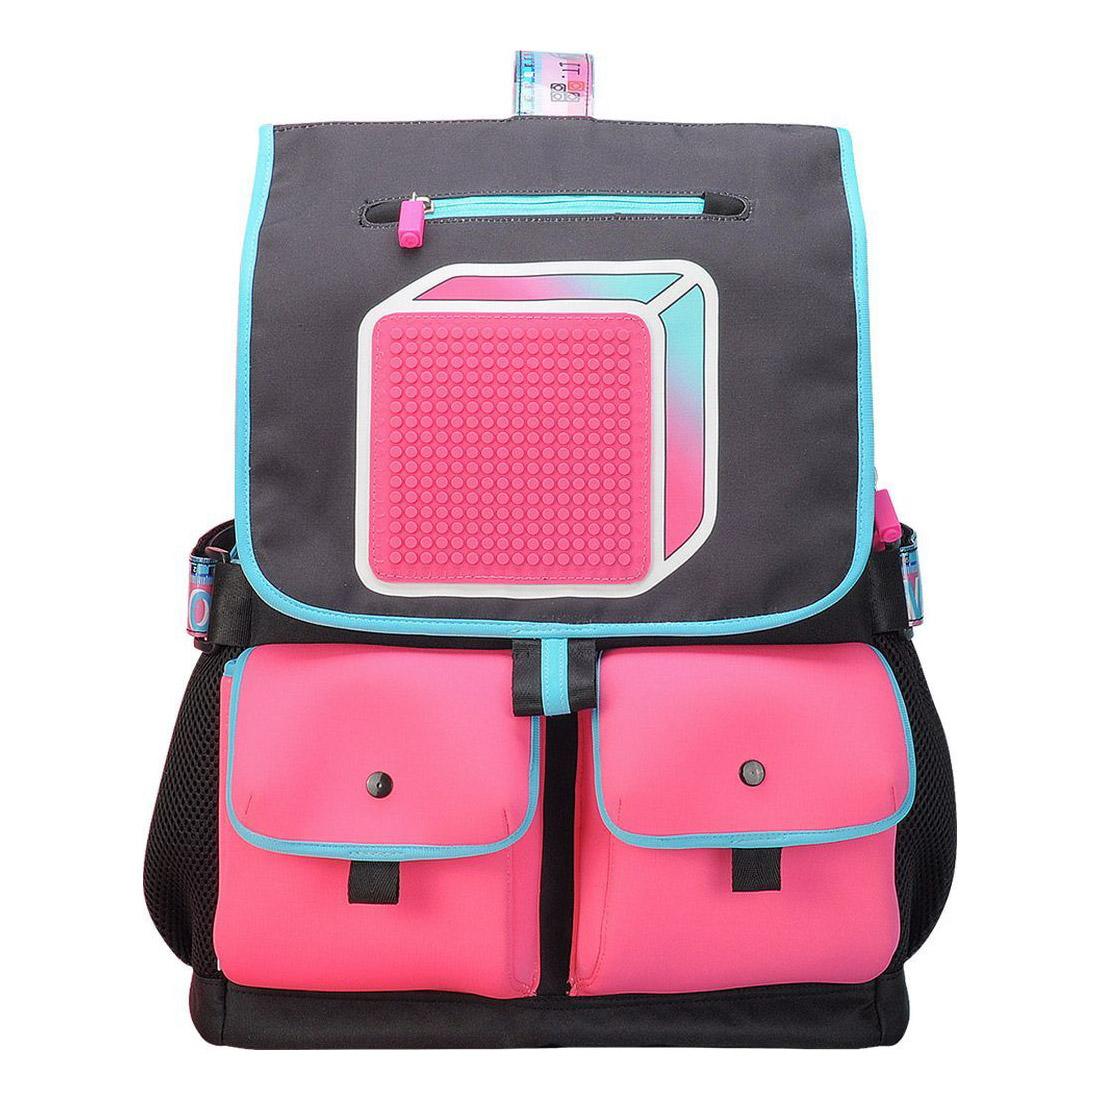 Ранец школьный Upixel Model Answer Черный школьные рюкзаки upixel школьный ранец u18 13 с принтом